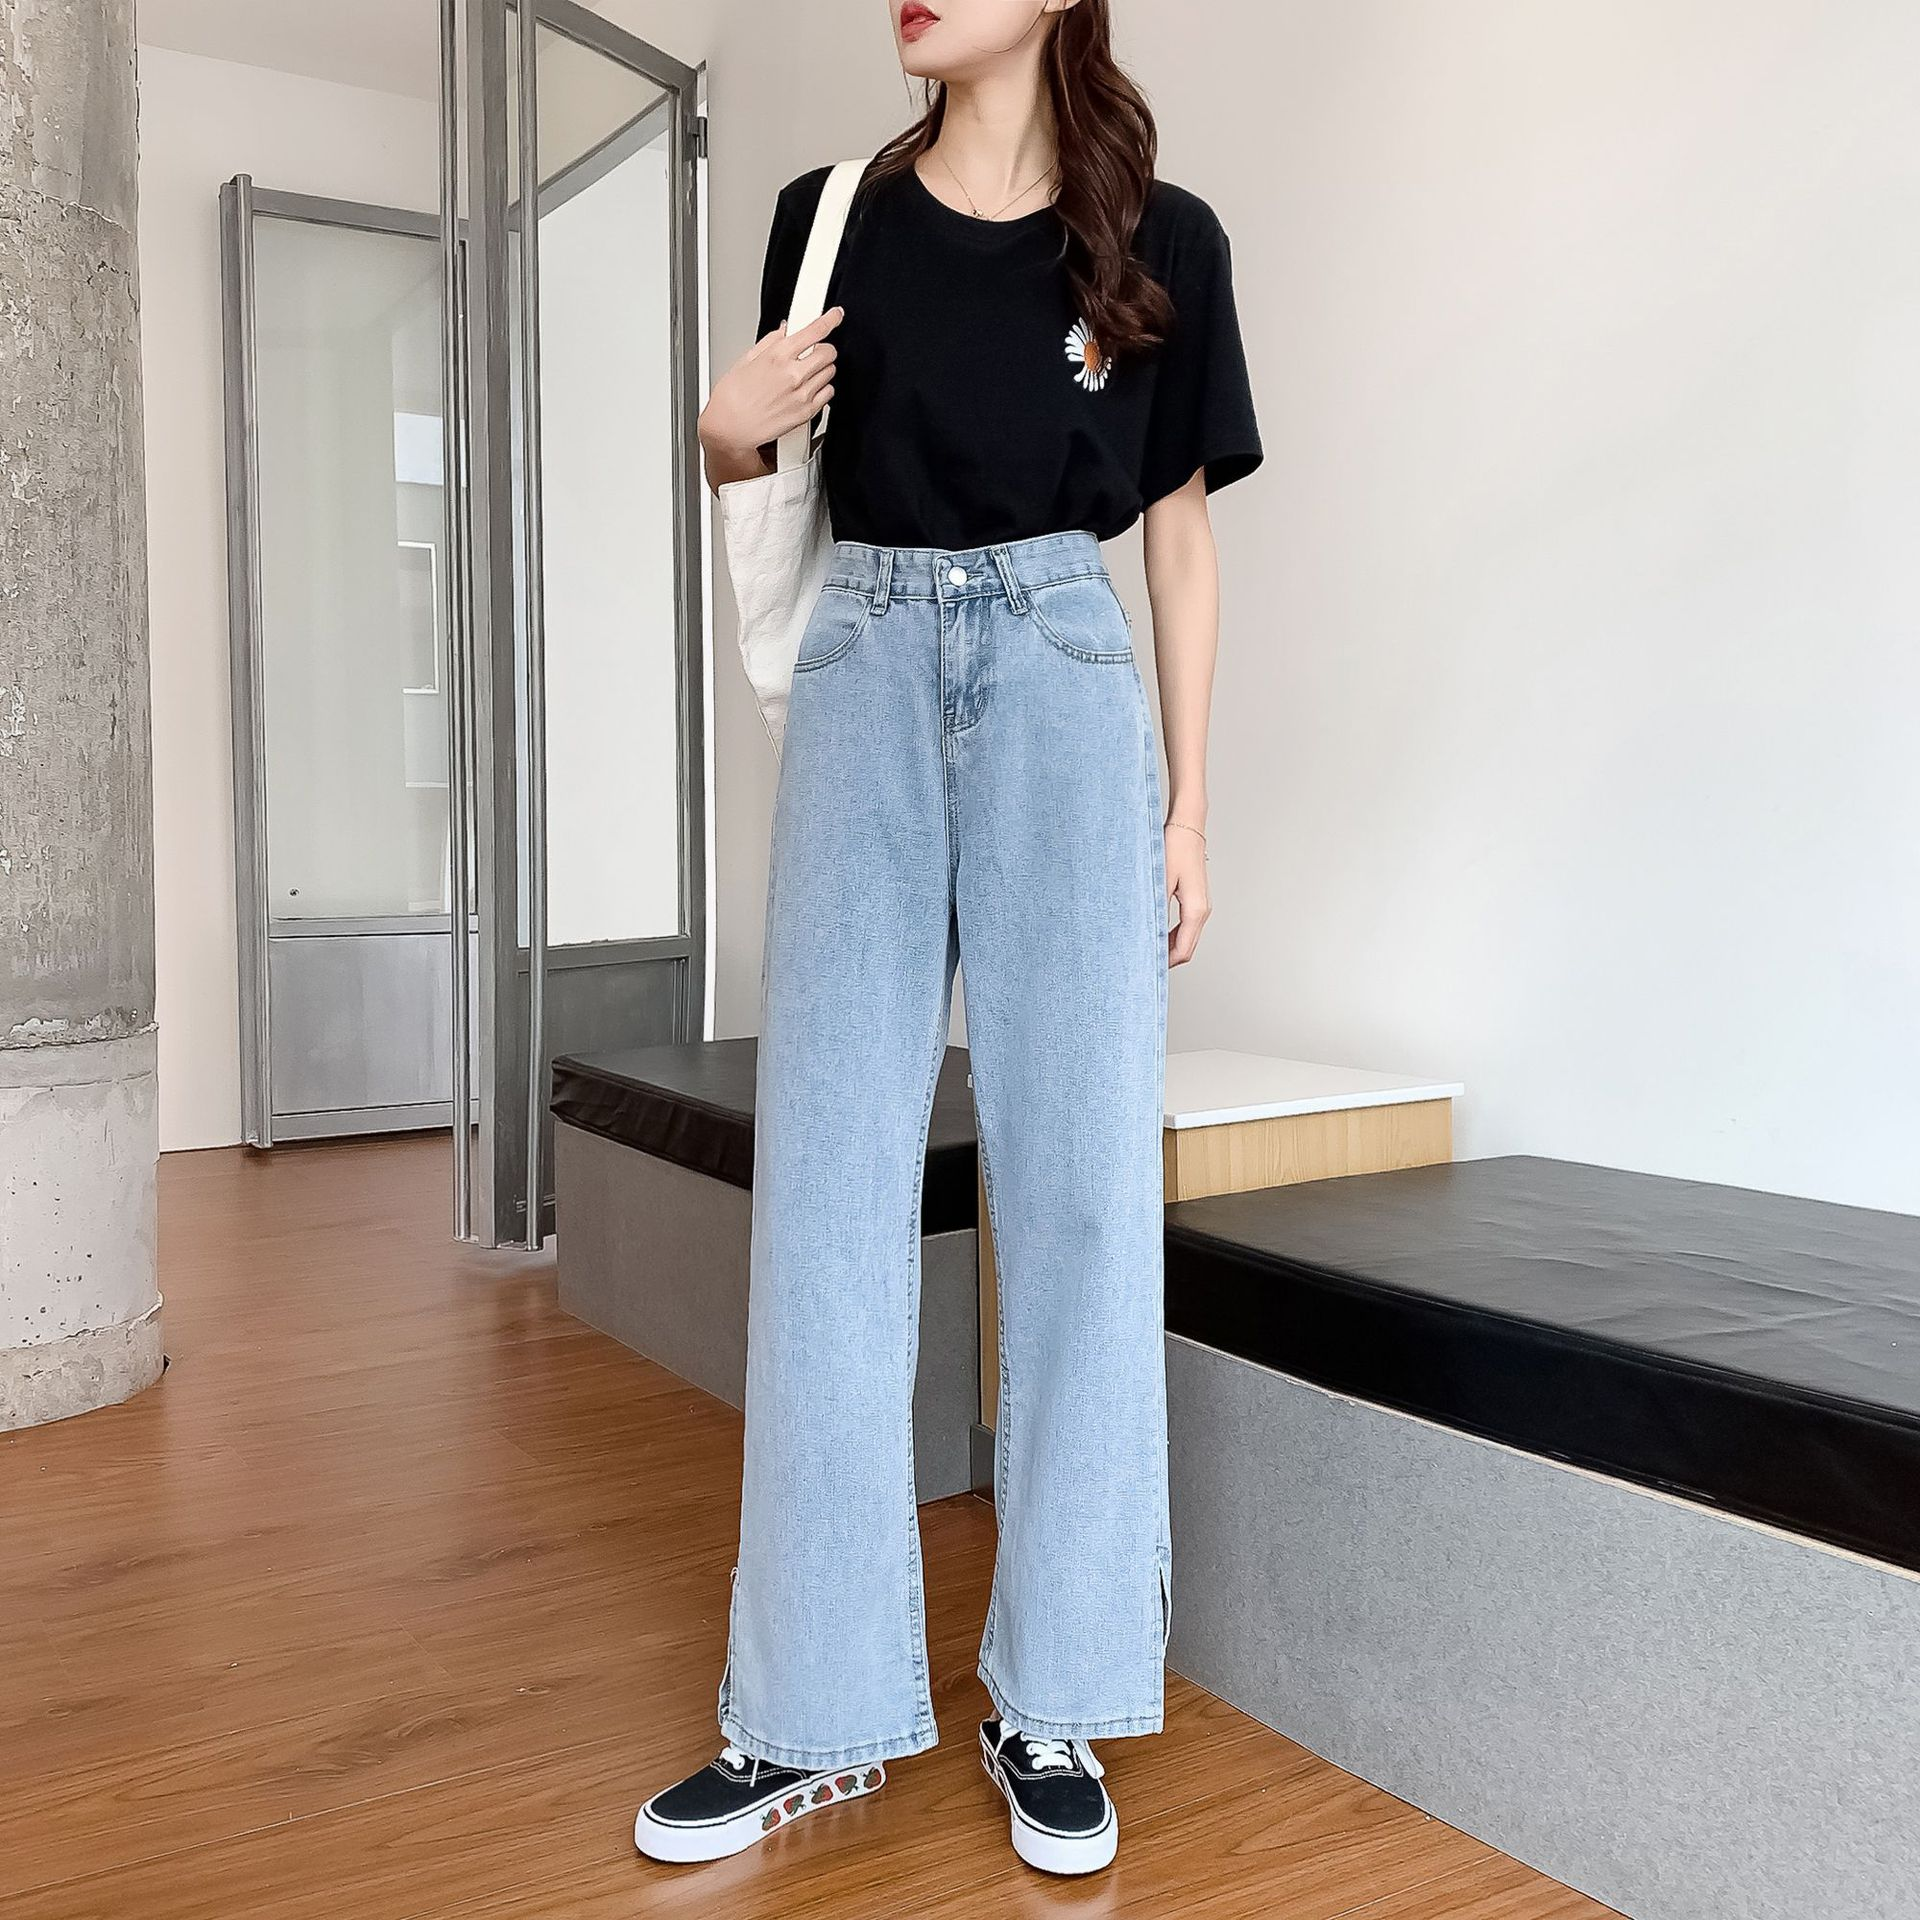 GoneGoing 2020 Summer Women High Split Denim Pants Straight Wide Leg Plus Size Full Length Jeans 070706 1